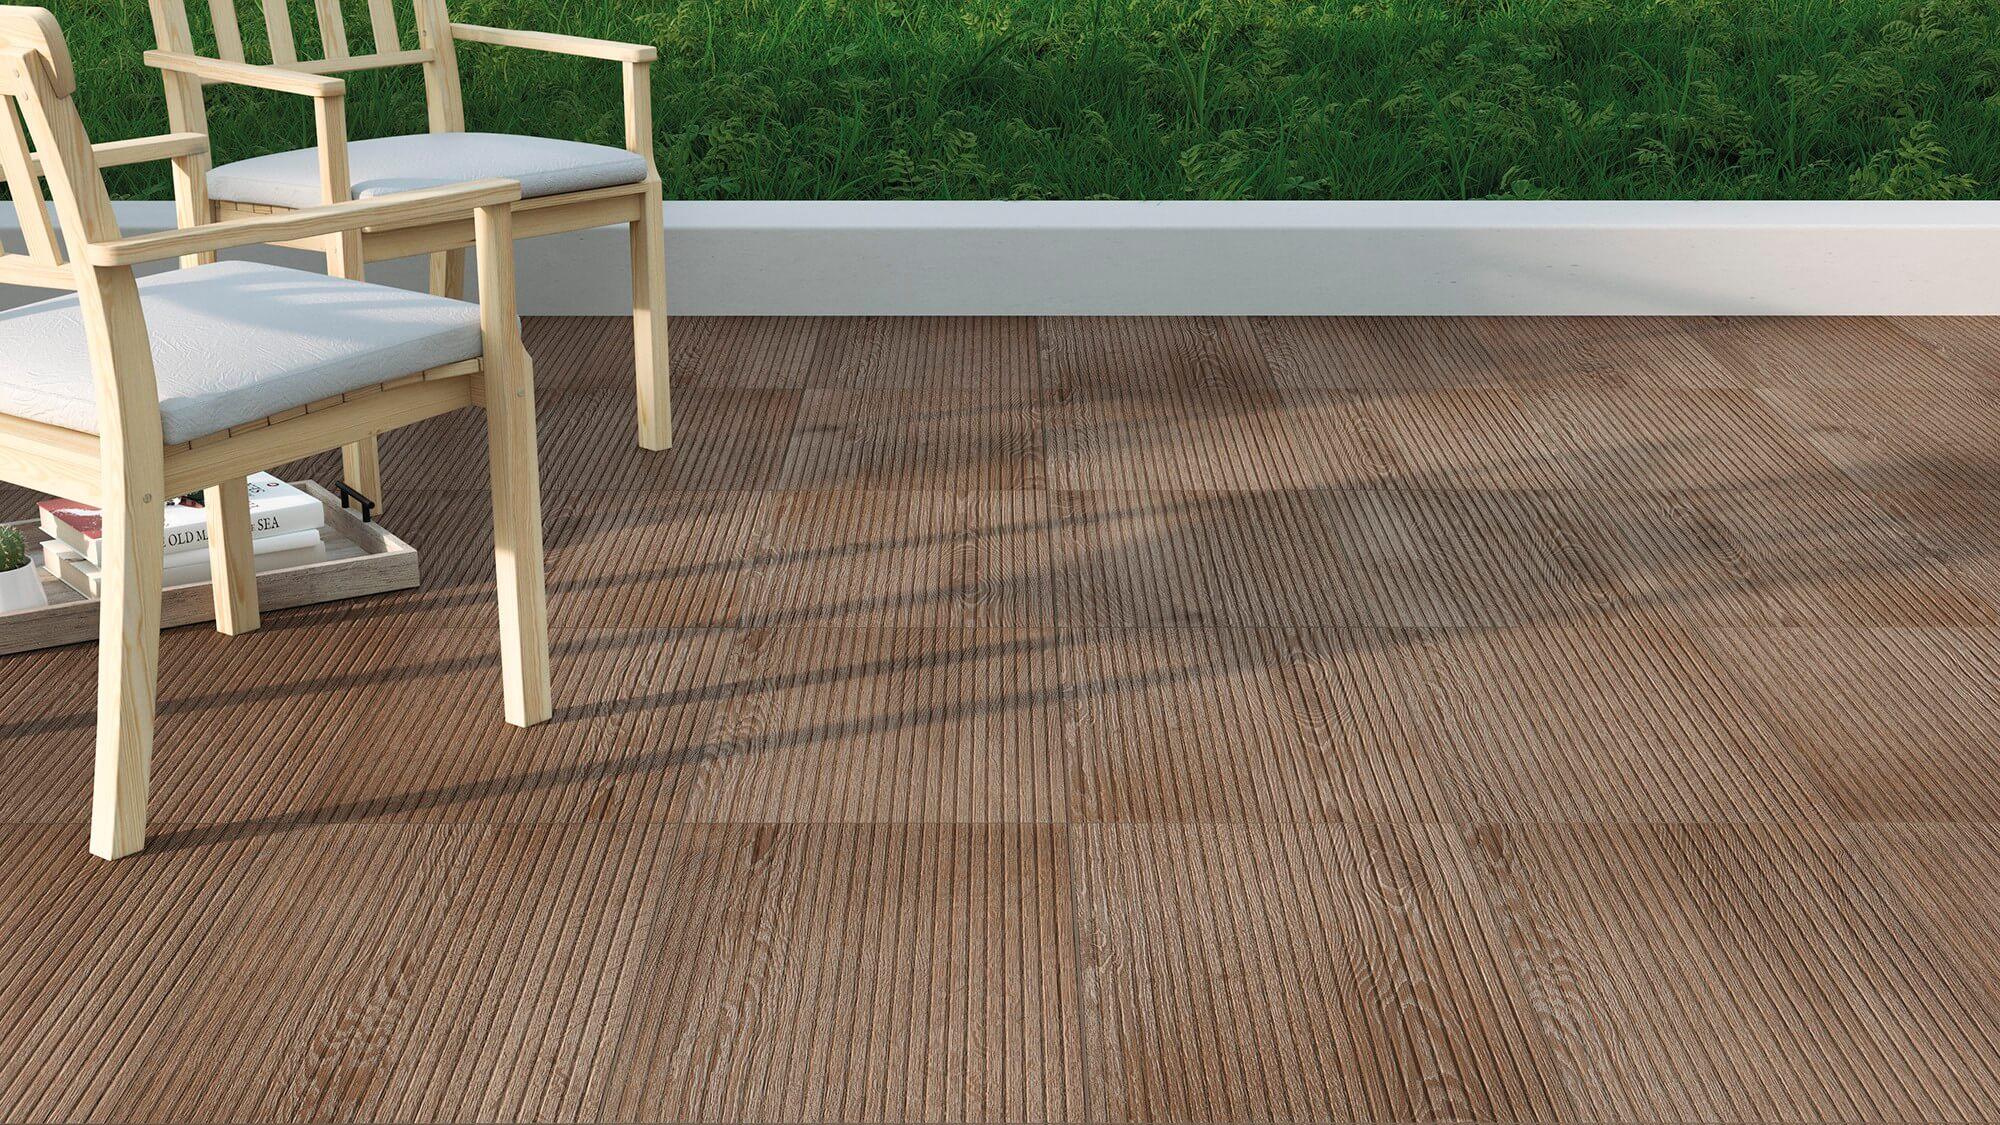 Suelo exterior para terrazas - Amazonia